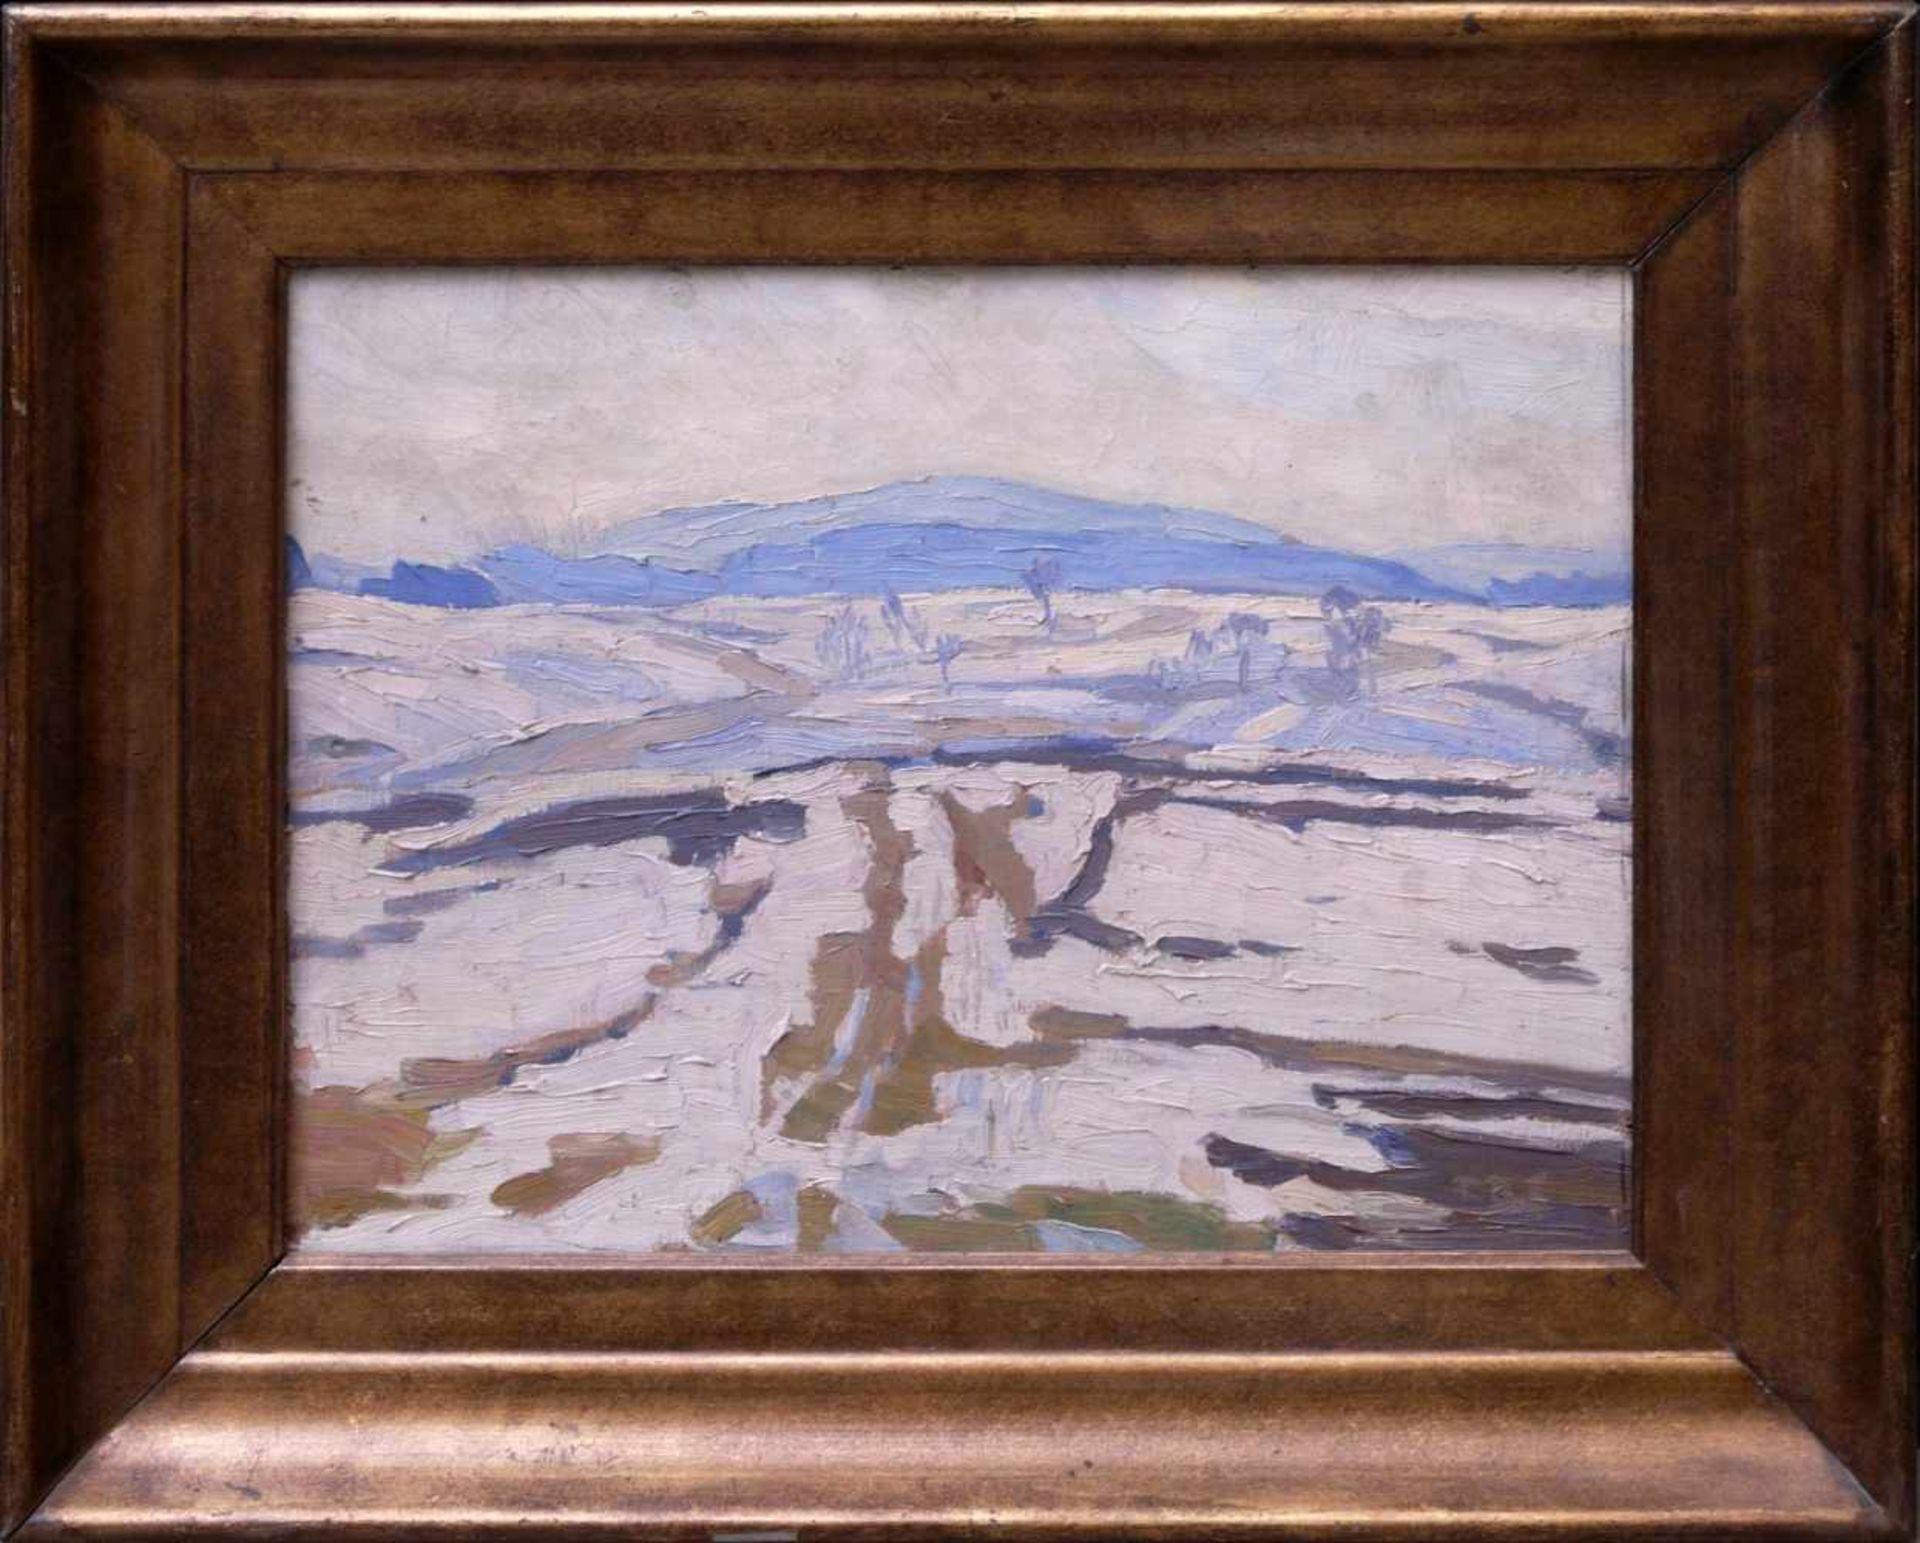 Schwemmer, Friedrich Rudolf (vor 1900 nach 1940) - Winterlandschaft um 1915Expressionistische